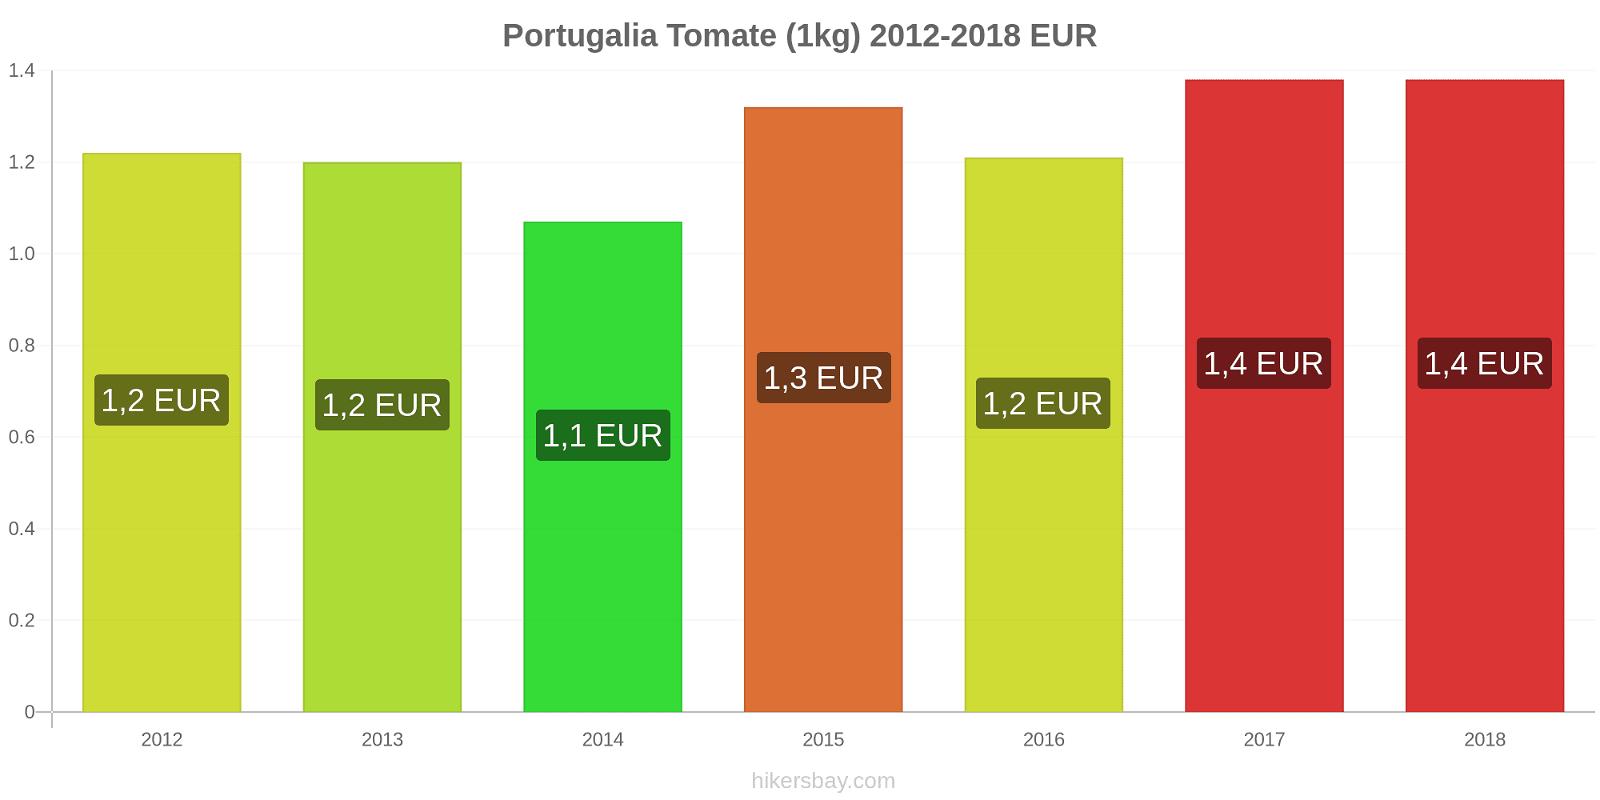 Portugalia modificări de preț Tomate (1kg) hikersbay.com